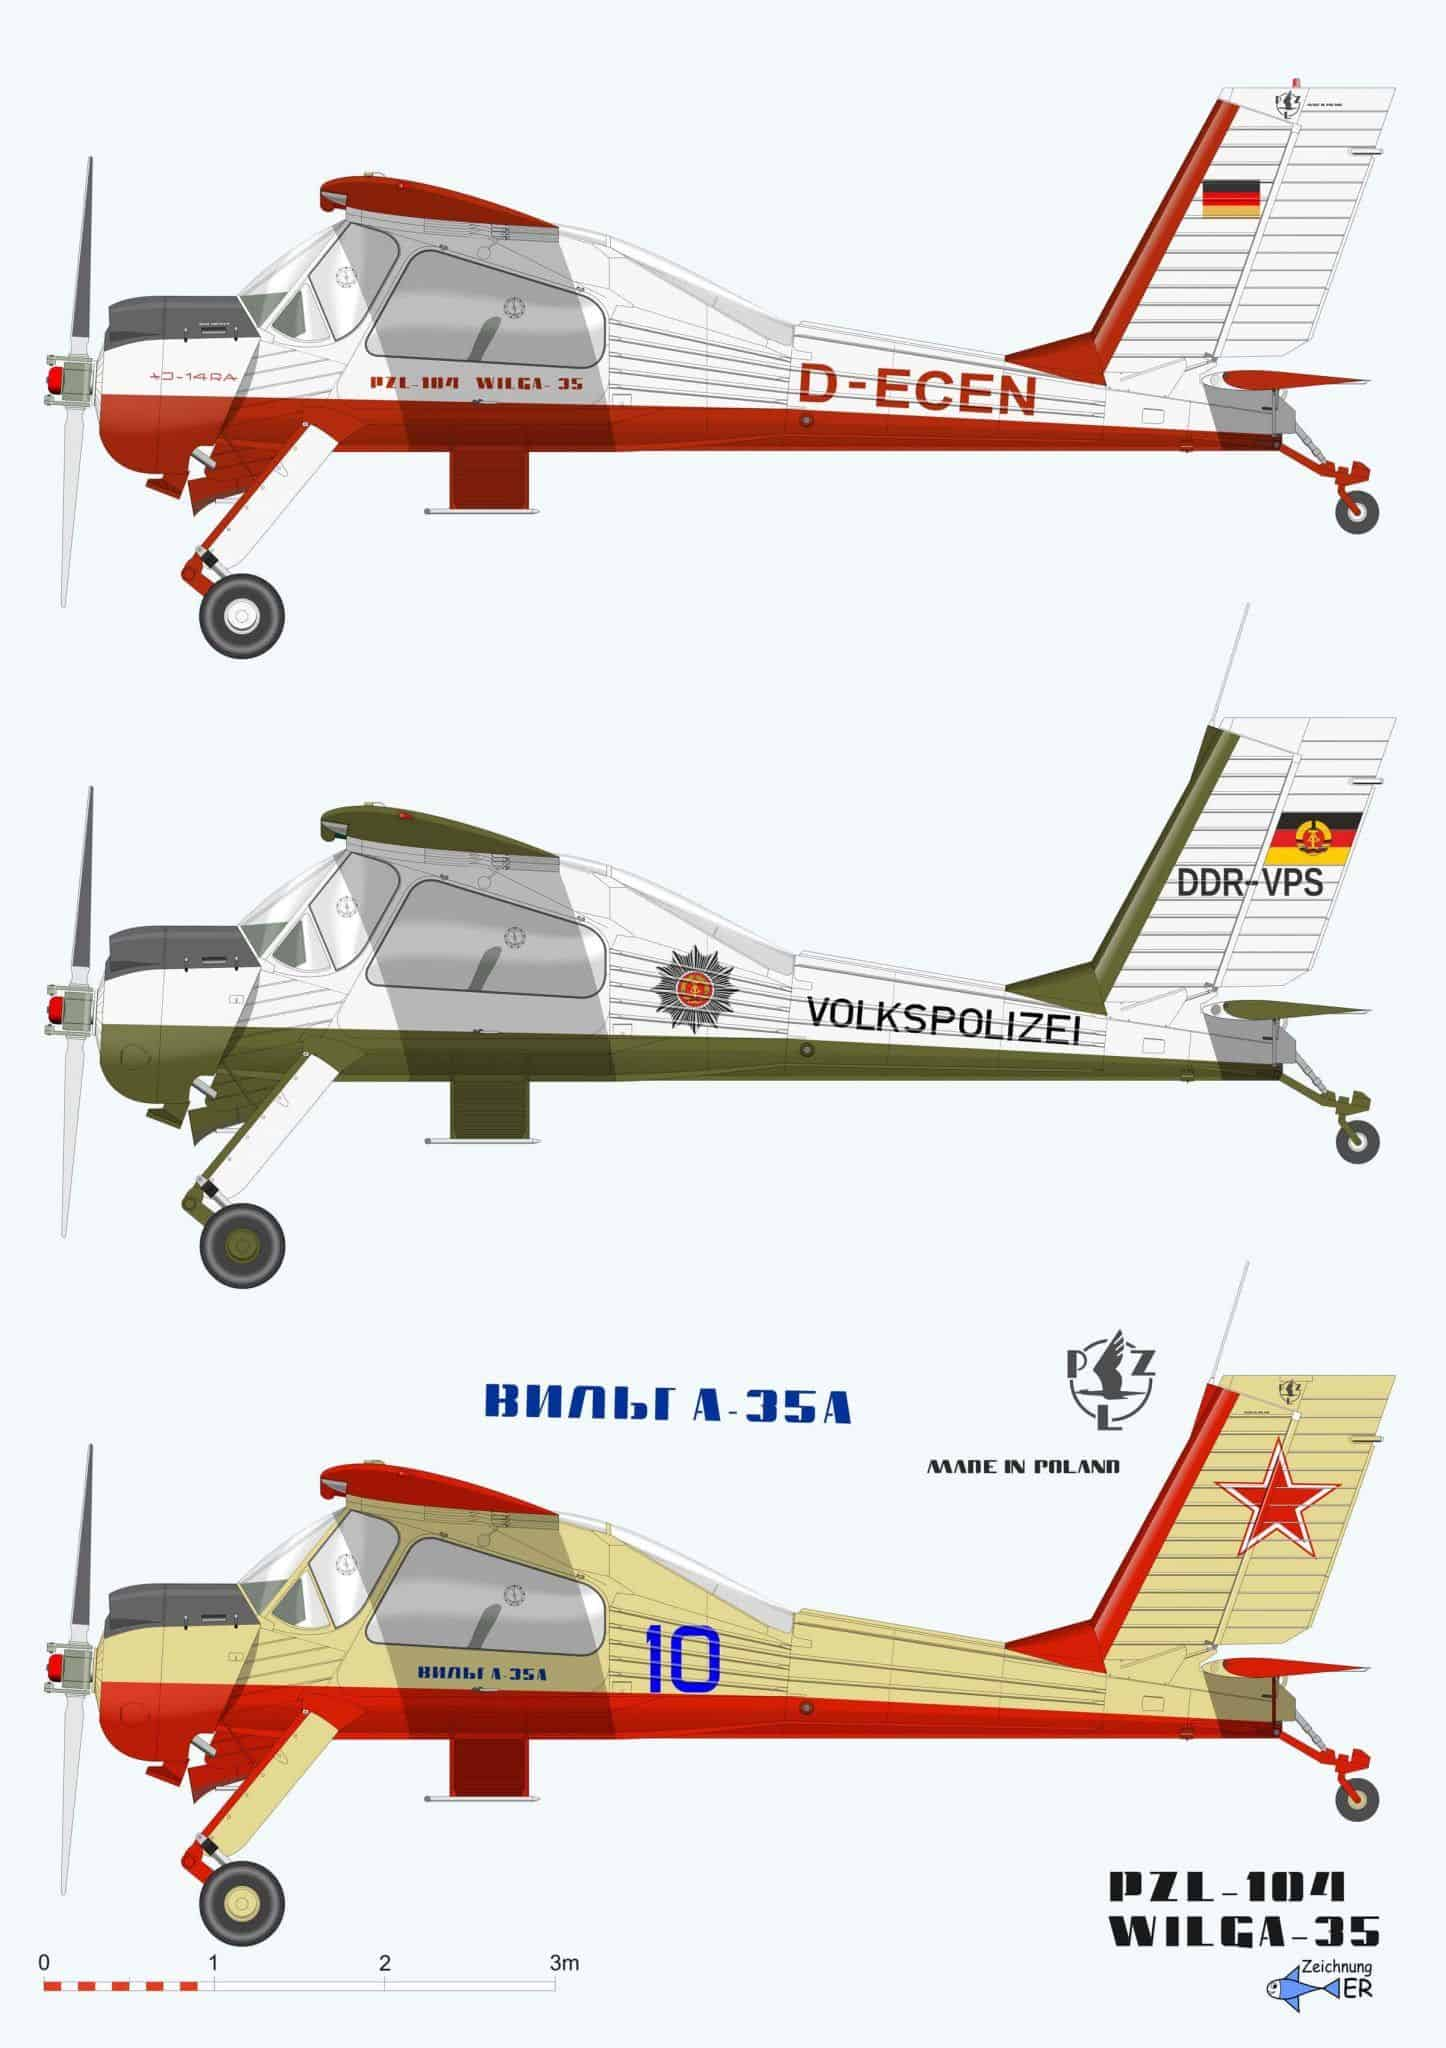 Blatt 03 PZL 104